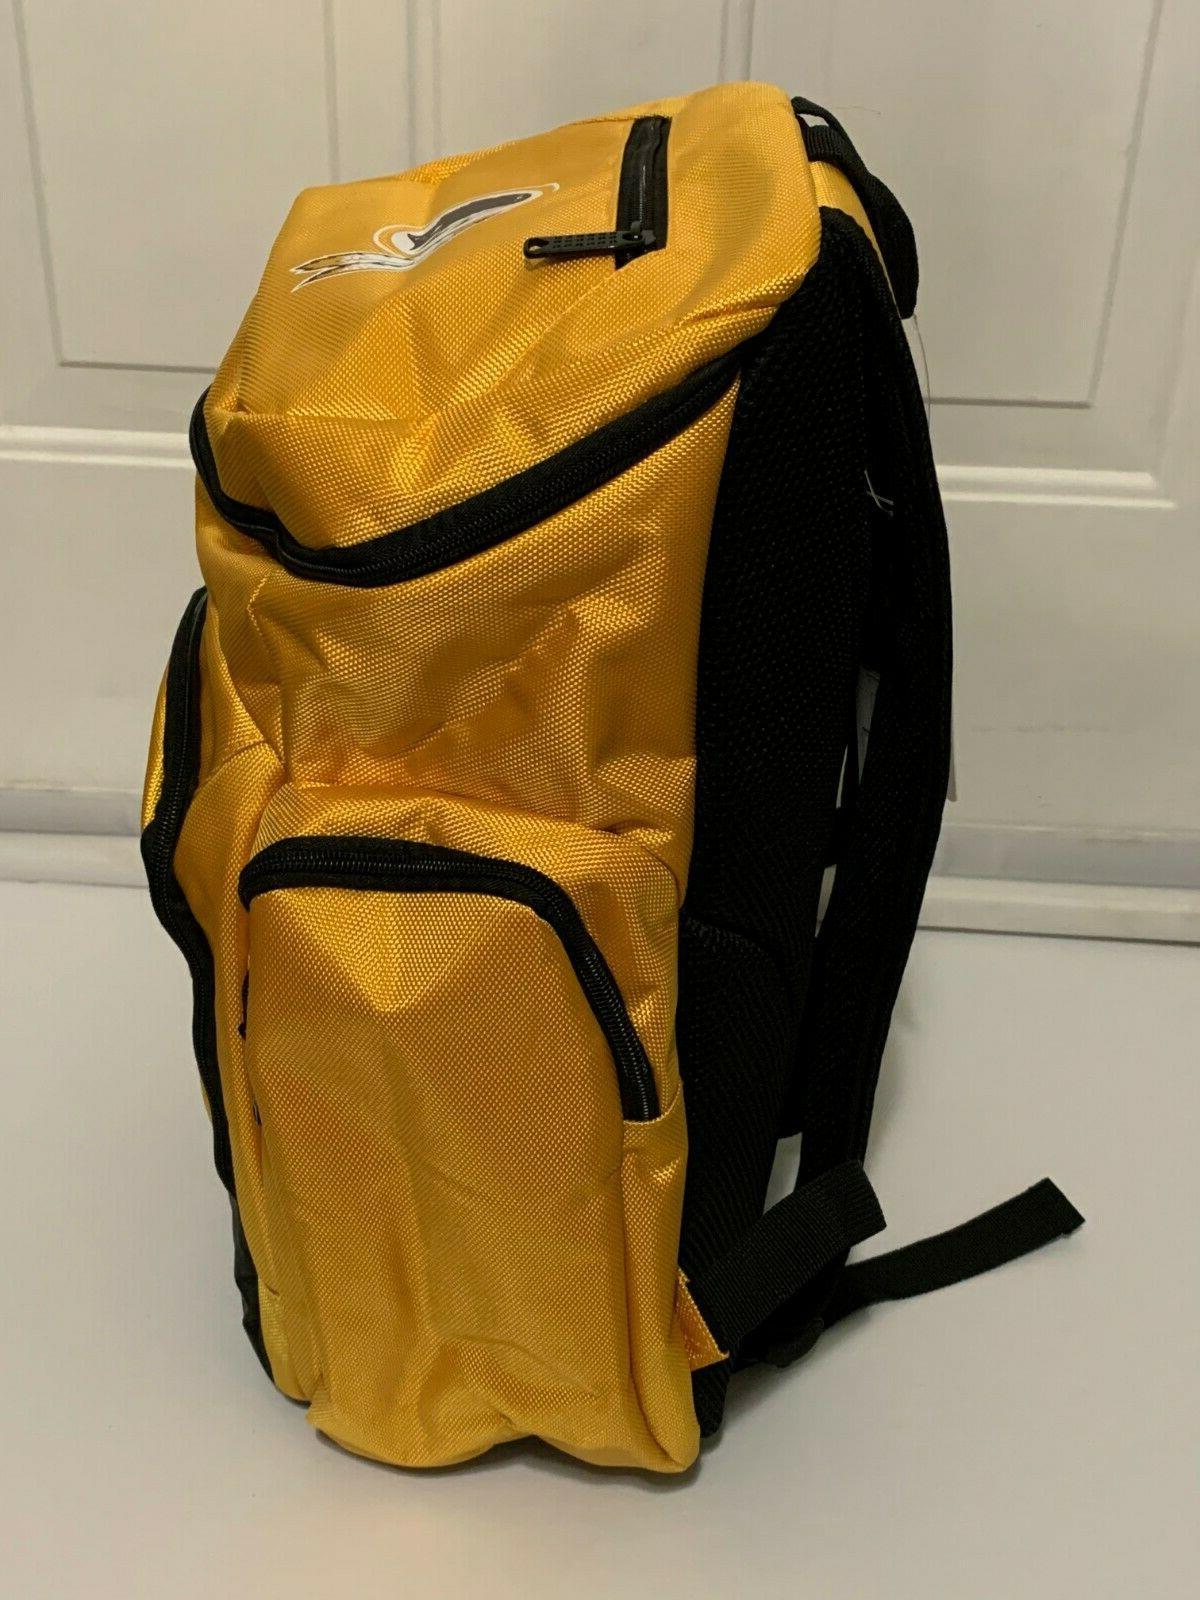 NFL Traveler Redskins Team Pocket Bookbag